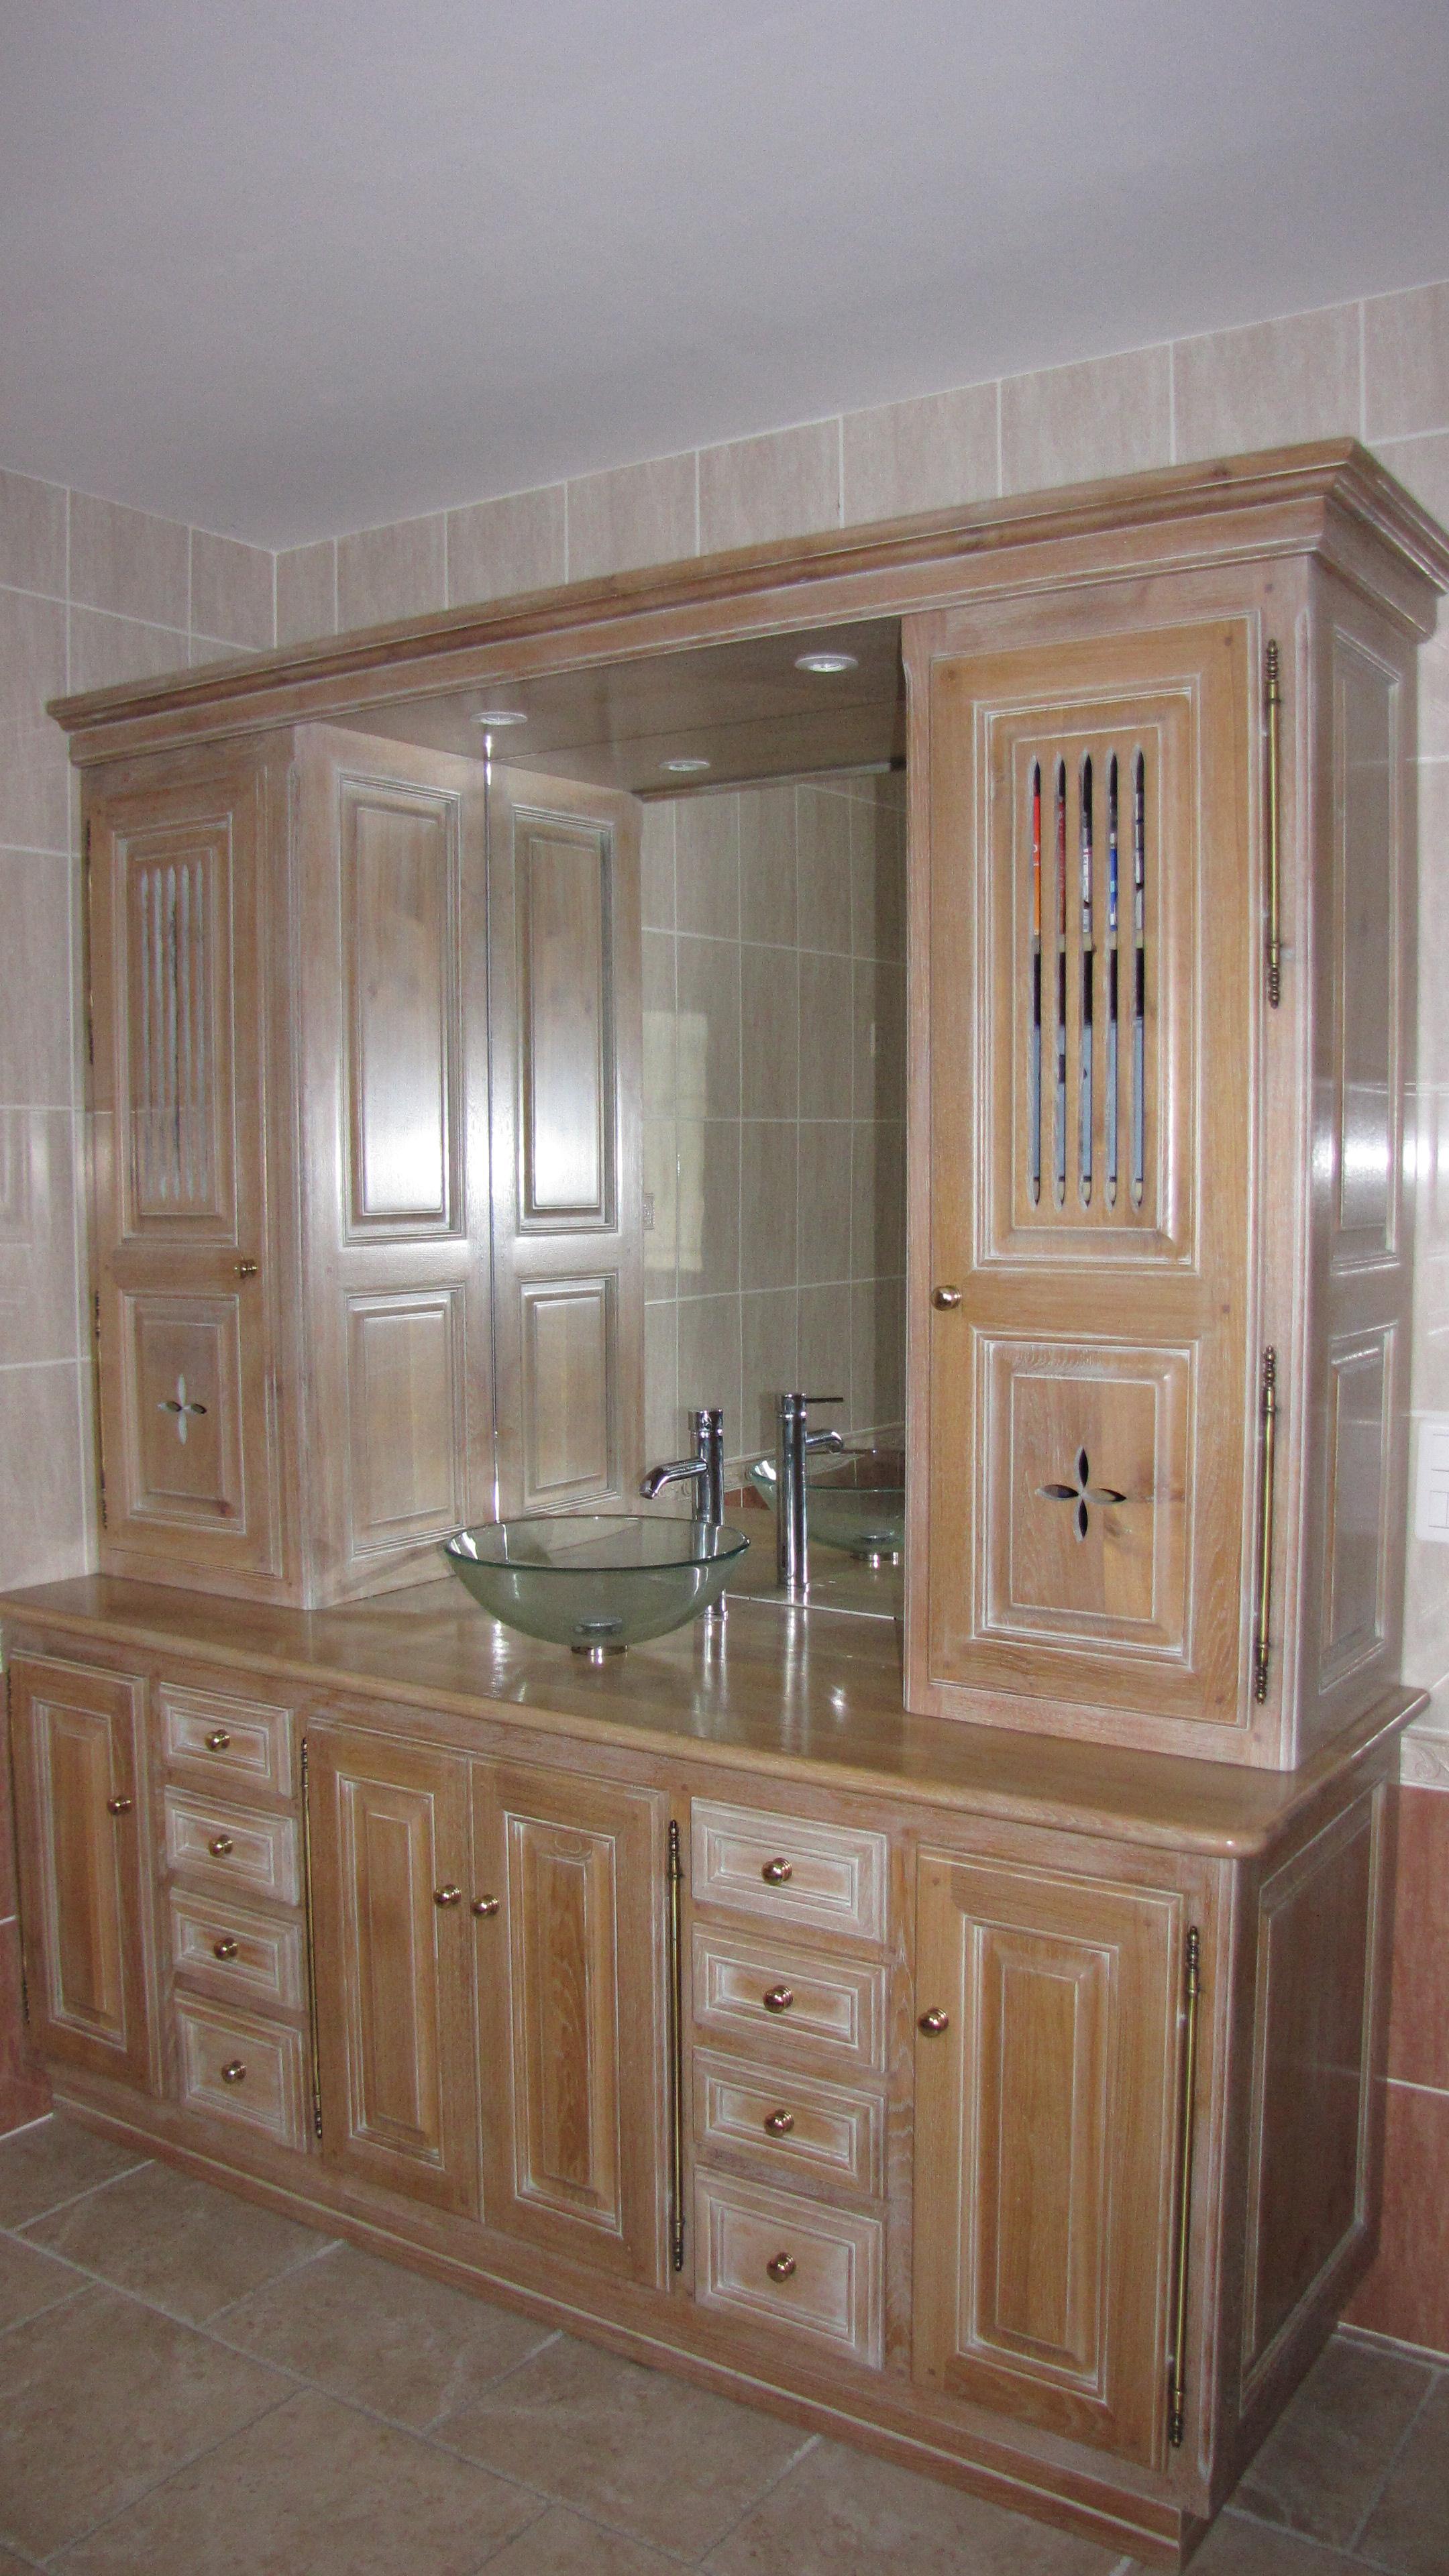 cuisines en bois meubles salles de bains ma tre artisan b nistel 39 olivier de provence. Black Bedroom Furniture Sets. Home Design Ideas